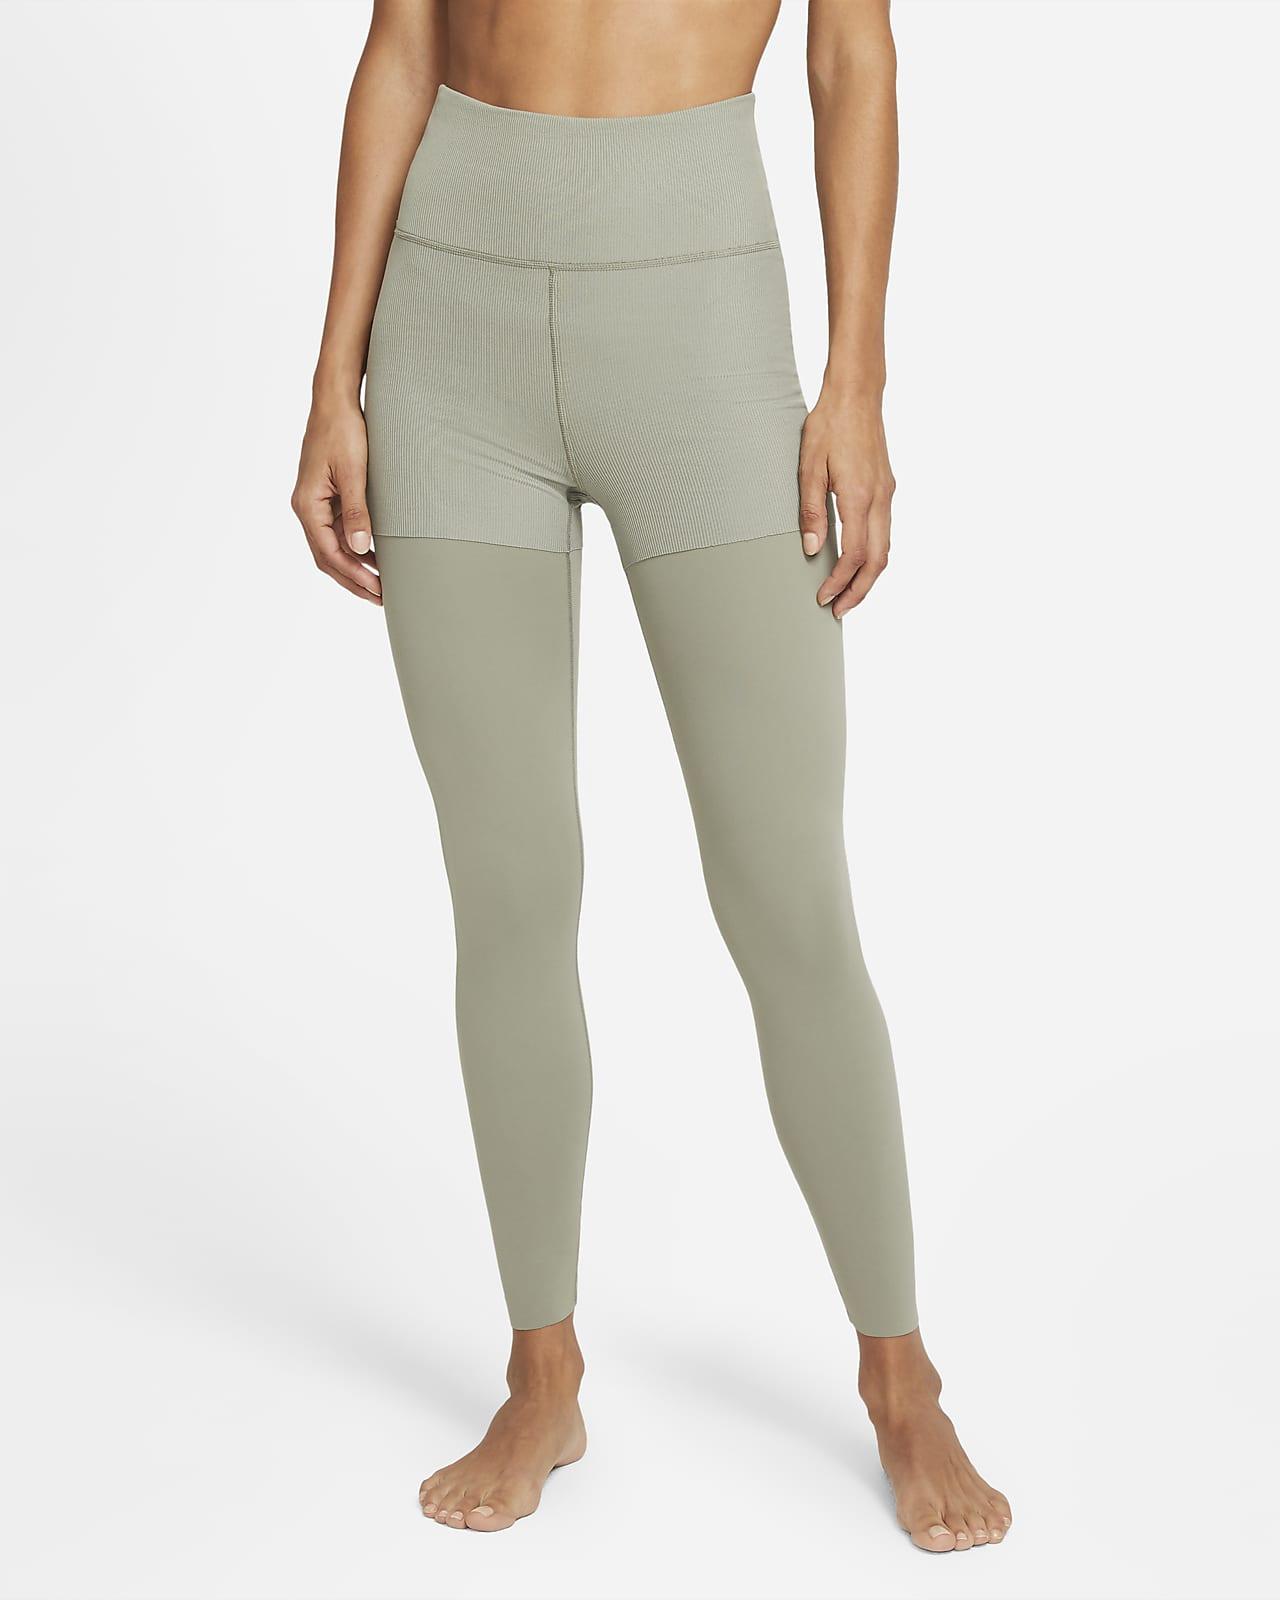 Nike Yoga Luxe Layered Women's 7/8 Leggings